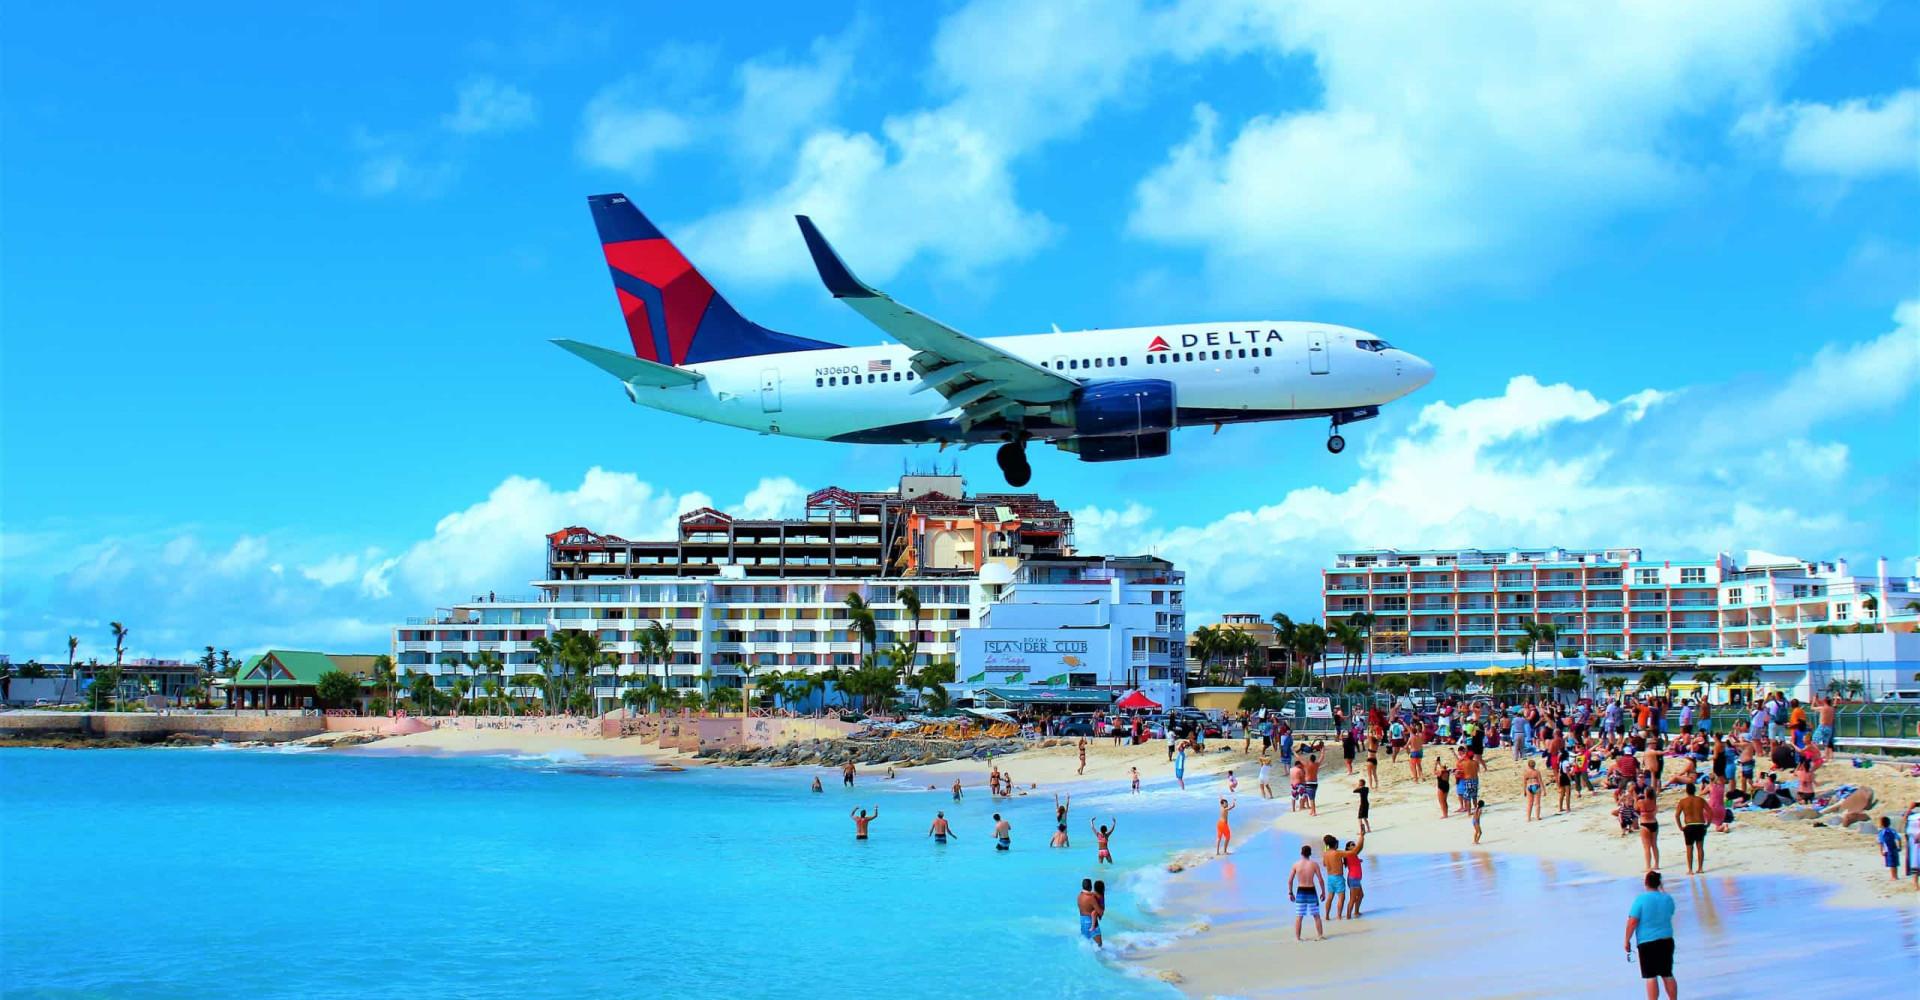 Die imposantesten Flughäfen der Welt